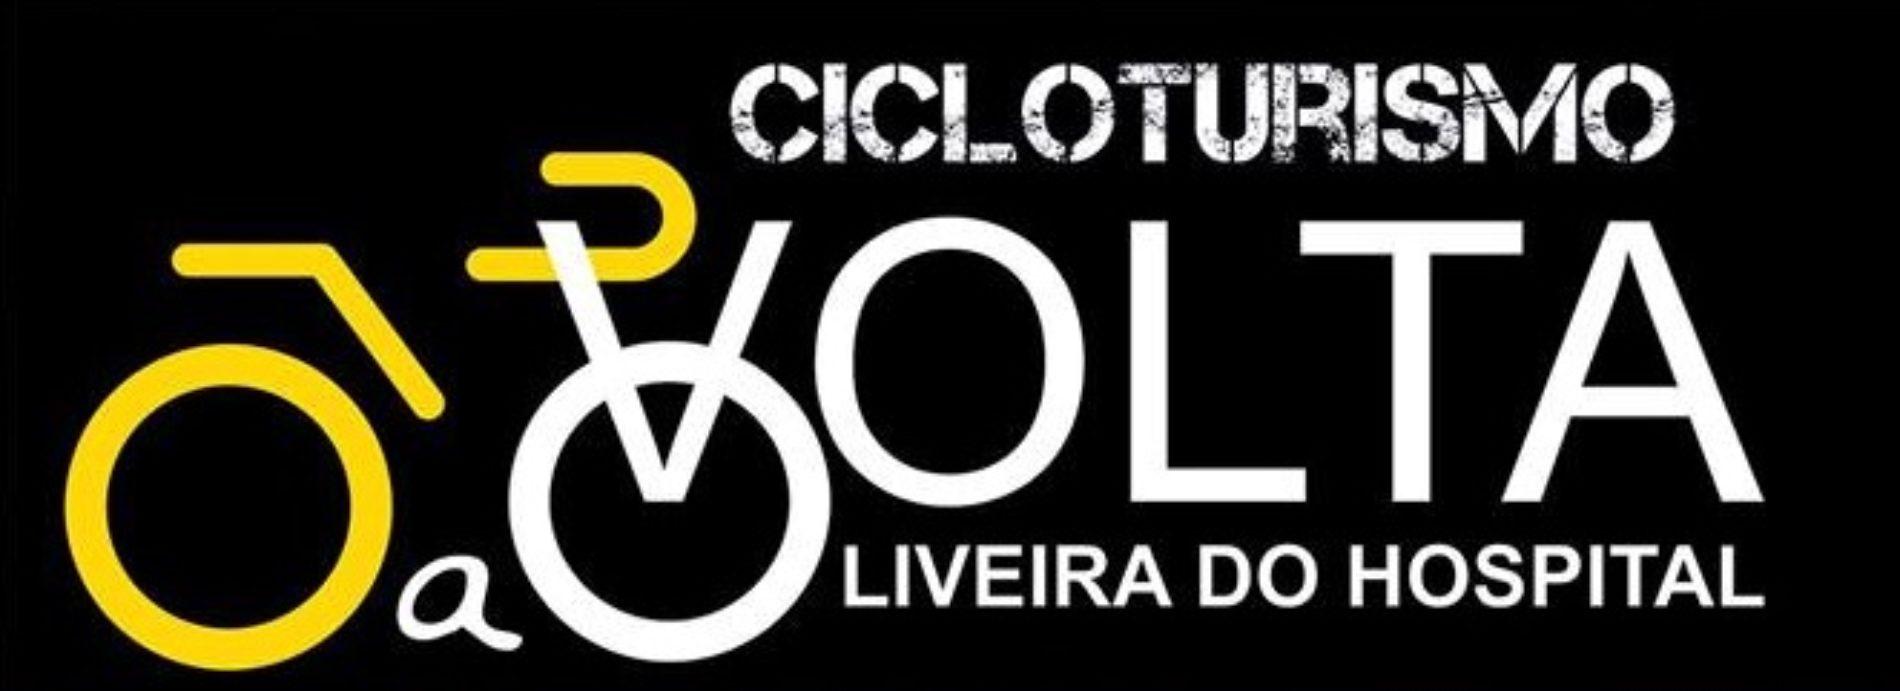 """Evento de cicloturismo complementa """"Etapa Vida"""" no dia 4 de agosto em Oliveira do Hospital"""